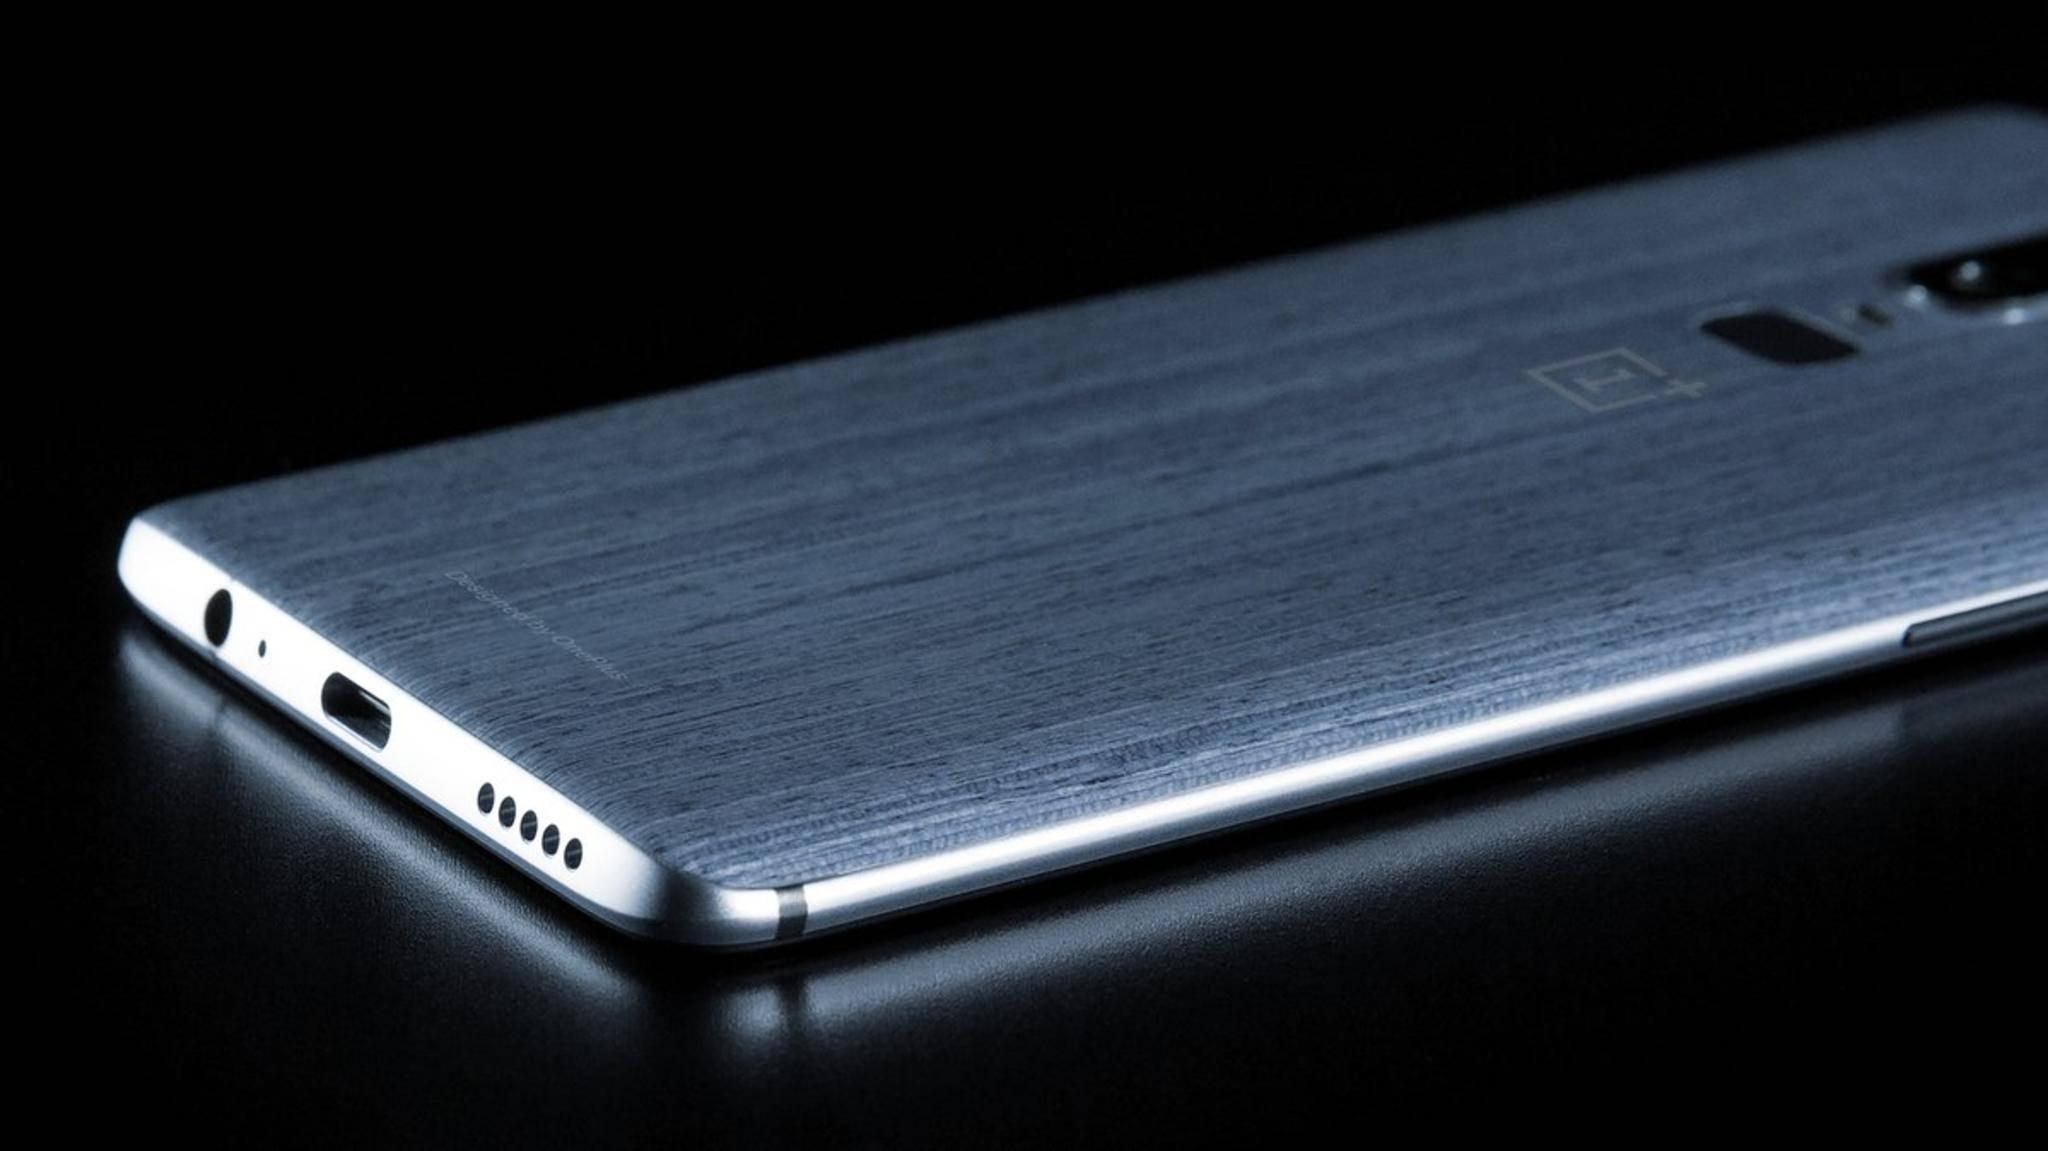 Das OnePlus 6 bietet laut dem neuesten Leak-Bild einen Kopfhöreranschluss.